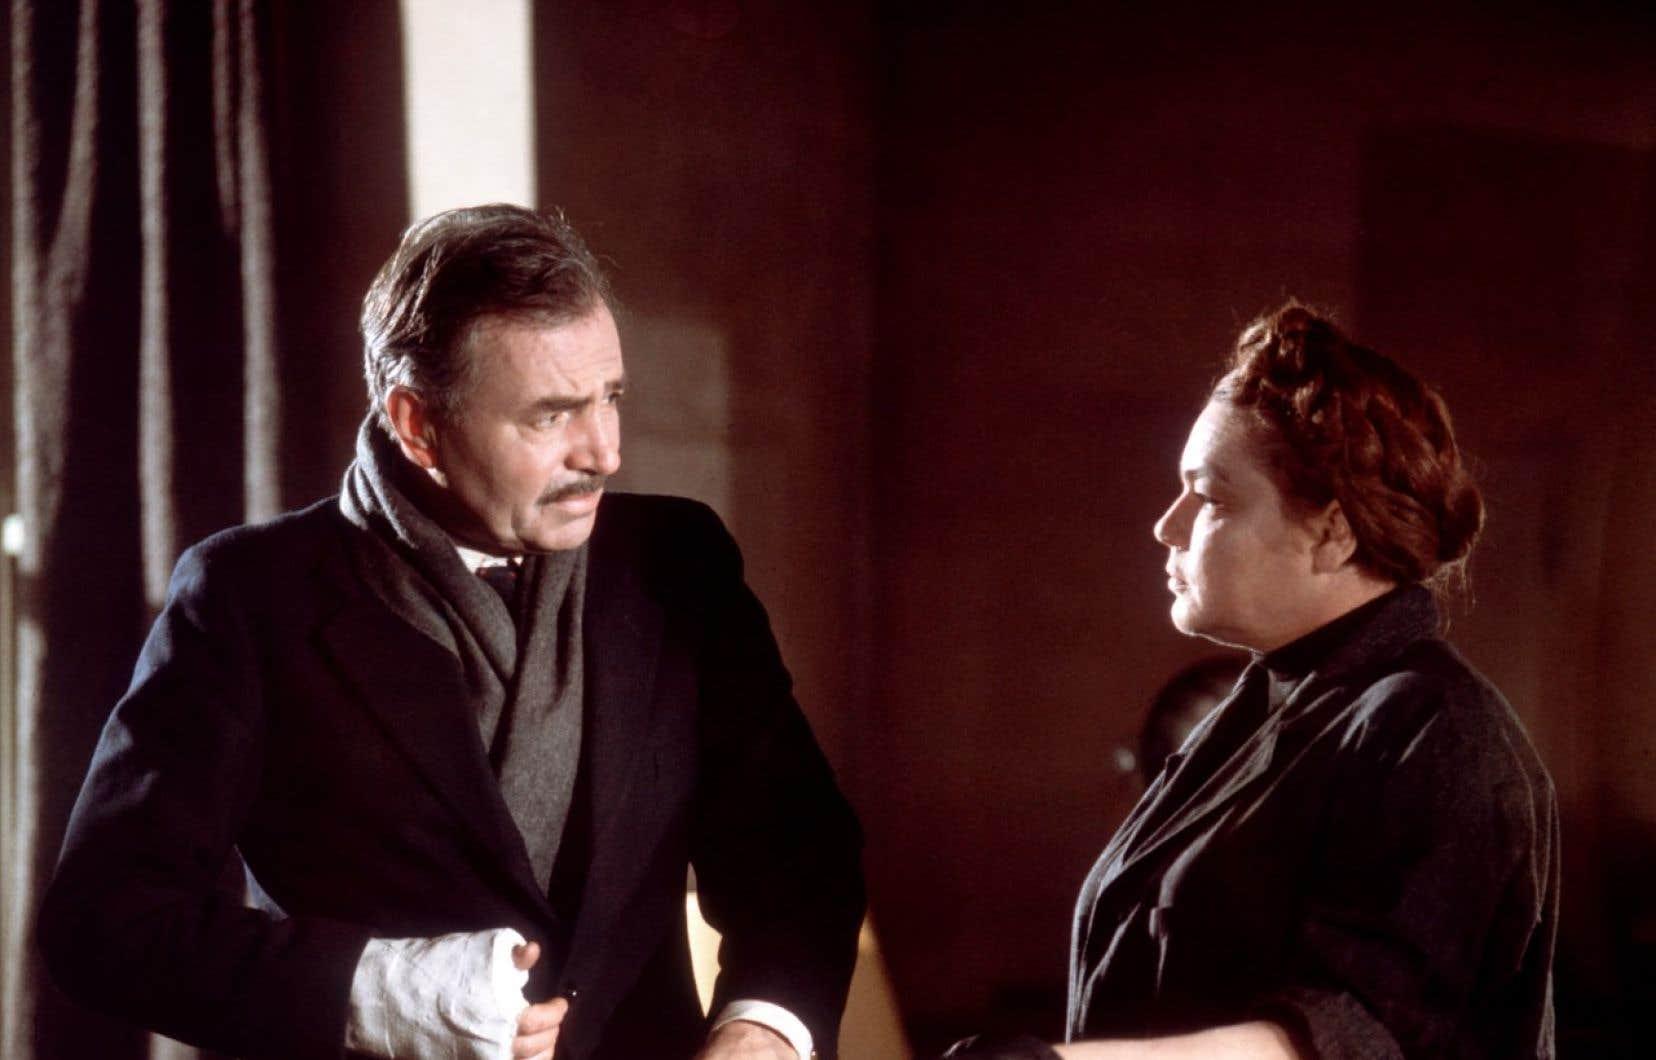 Tiré du premier roman de John le Carré, «The Deadly Affair» est l'œuvre d'un cinéaste américain: Sidney Lumet, qui retrouve son acteur fétiche James Mason, fabuleux dans le rôle de l'agent secret Charles Dobbs, que l'on voit sur la photo avec l'actrice Simone Signoret.